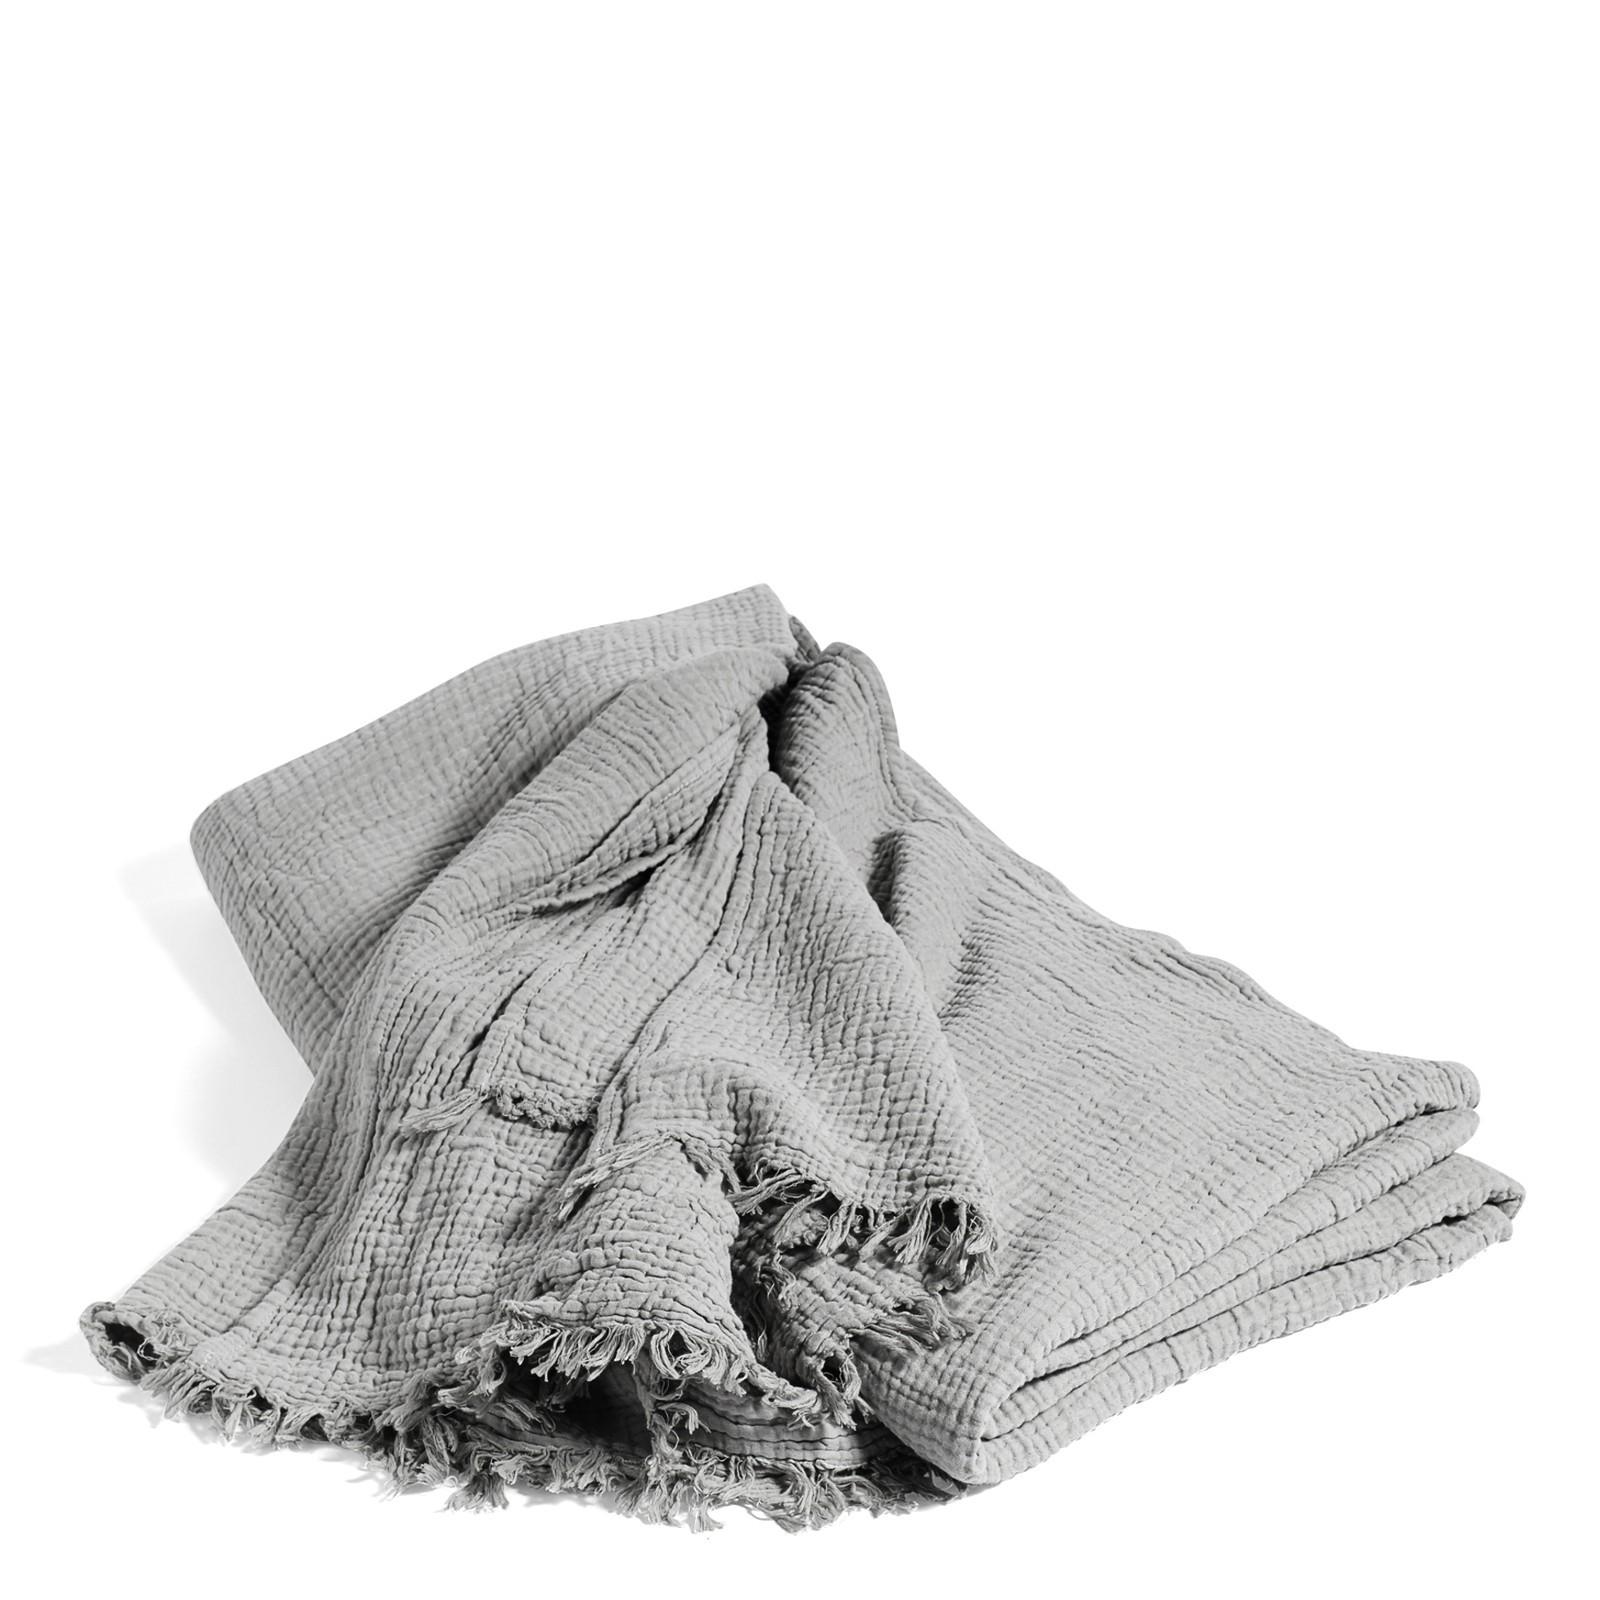 Full Size of Tagesdecke Bett Hay Crinkle Online Kaufen Found4you Rauch Betten 180x200 100x200 Weiße Metall Einfaches Bette Duschwanne Bambus Mit Matratze Und Lattenrost Bett Tagesdecke Bett